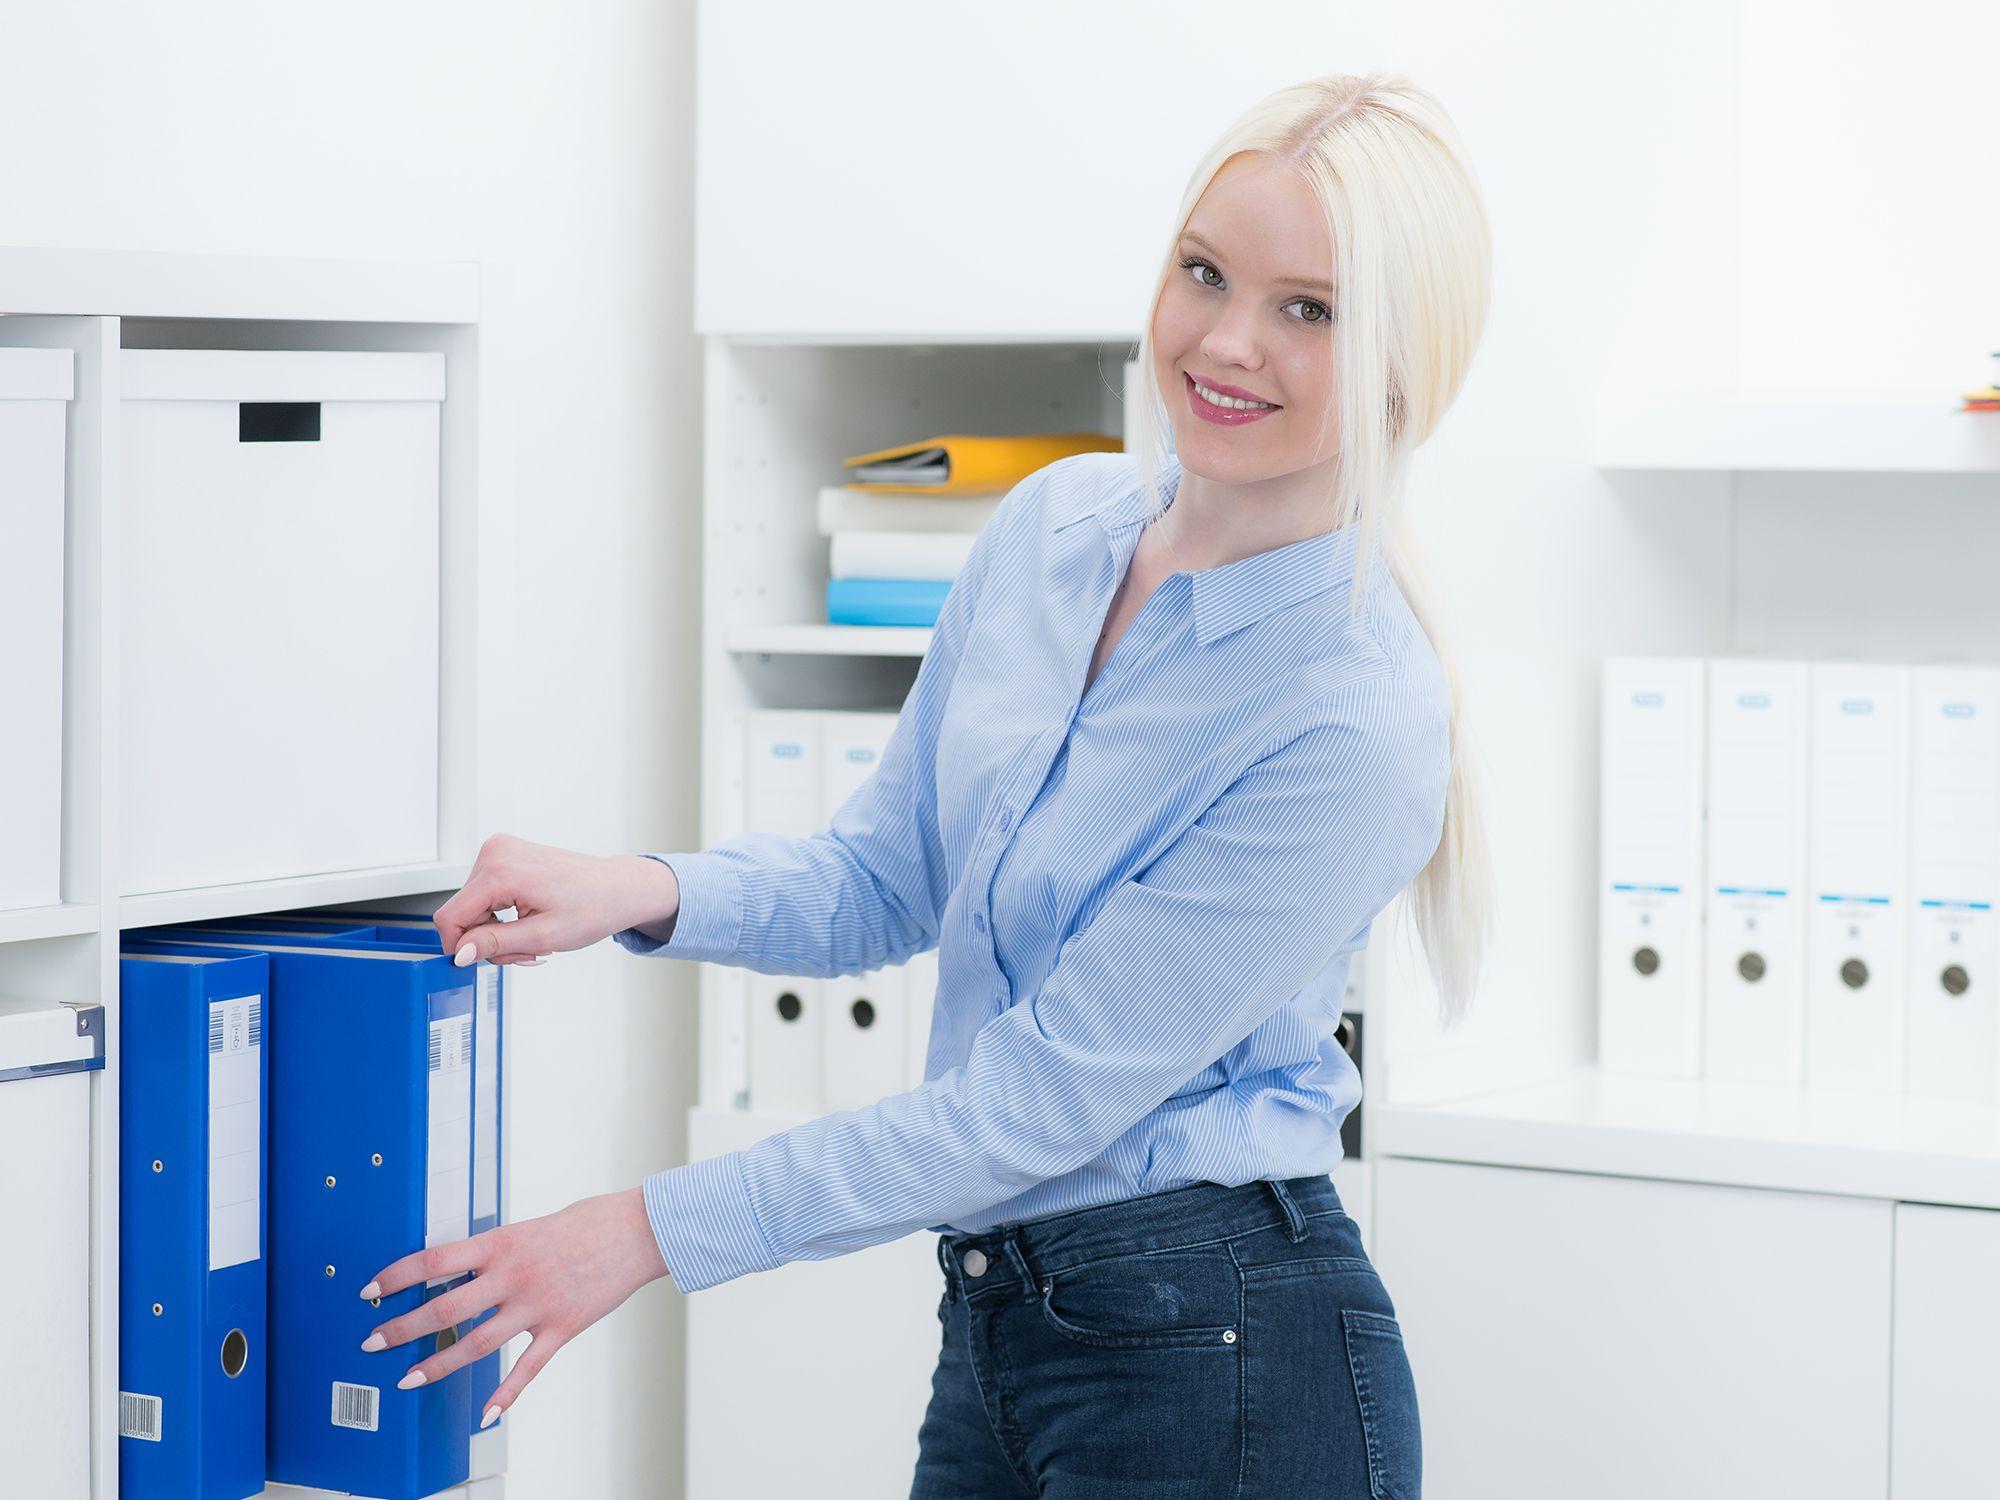 Level 5 - Bürohelfer wie Büroaushilfen, Bürohilfen, Bürohilfskraft, Bürofachkraft und Bürokraft für Büros, Büroarbeit, Büroaufgaben, Bürotätigkeiten, Büroorganisation, Urlaubsvertretung und Rekrutierung per Zeitarbeit, Arbeitnehmerüberlassung, Personalüberlassung oder Personalvermittlung finden und buchen